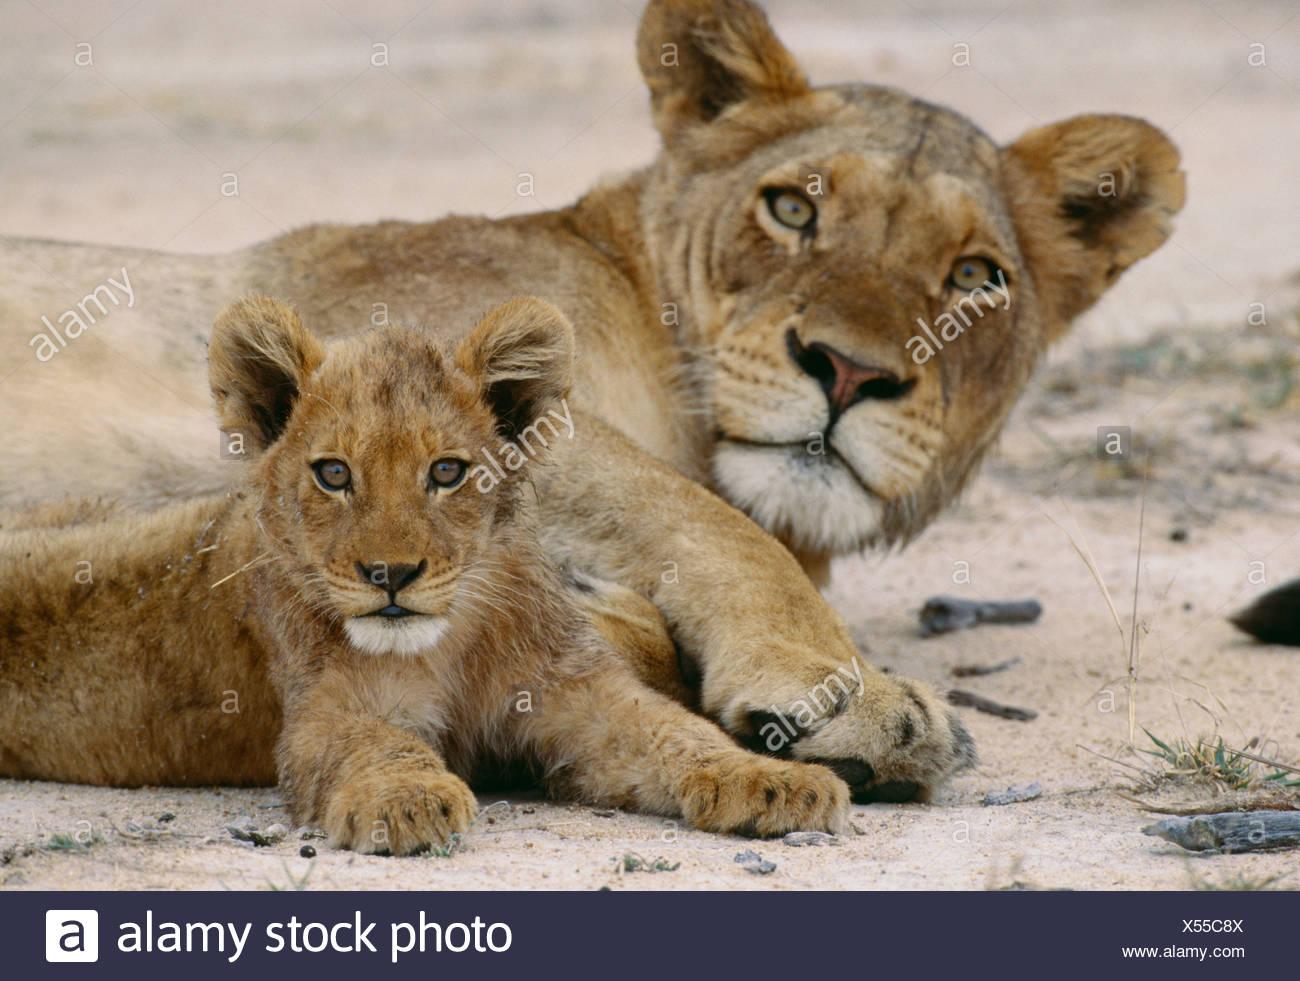 Y un cachorro de león africano, el Parque Nacional Kruger, Sudáfrica Imagen De Stock